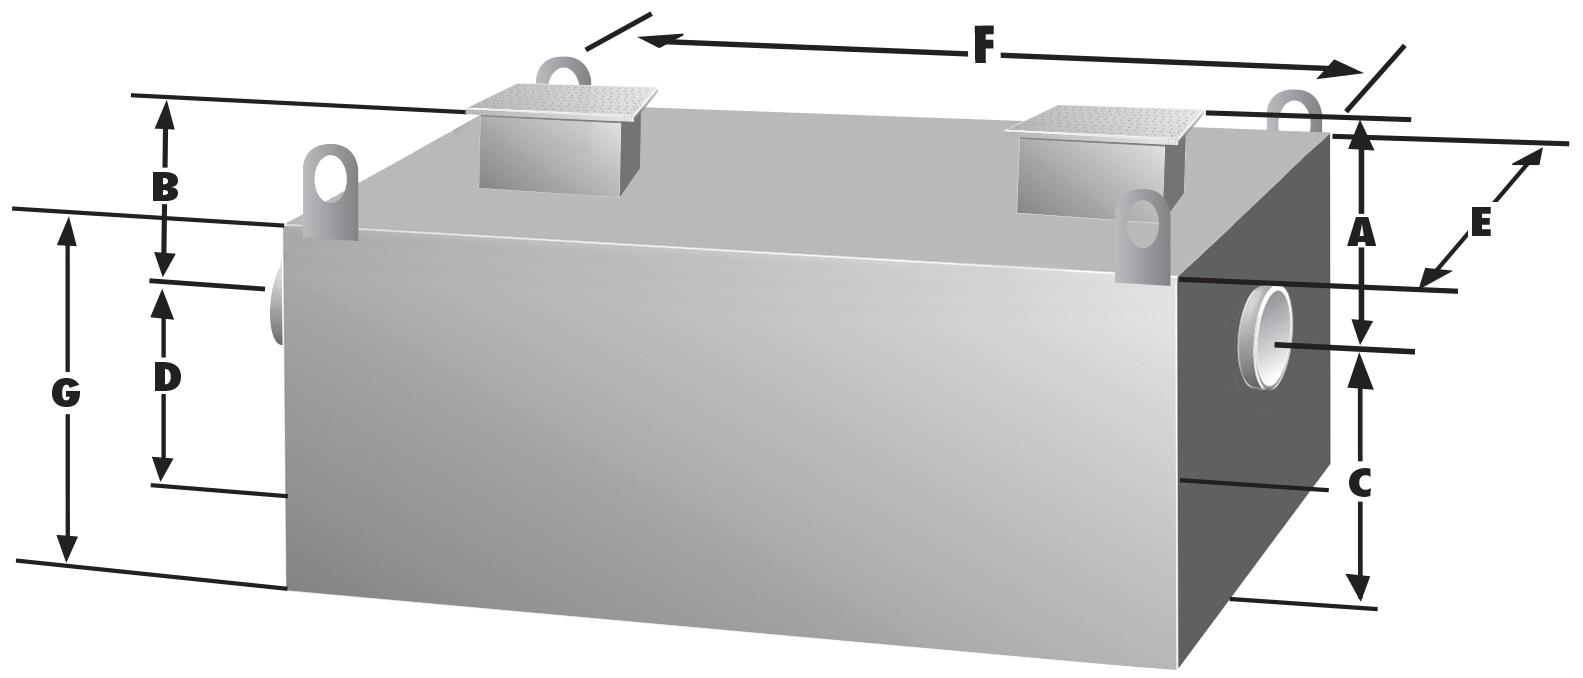 ROI-250 Image